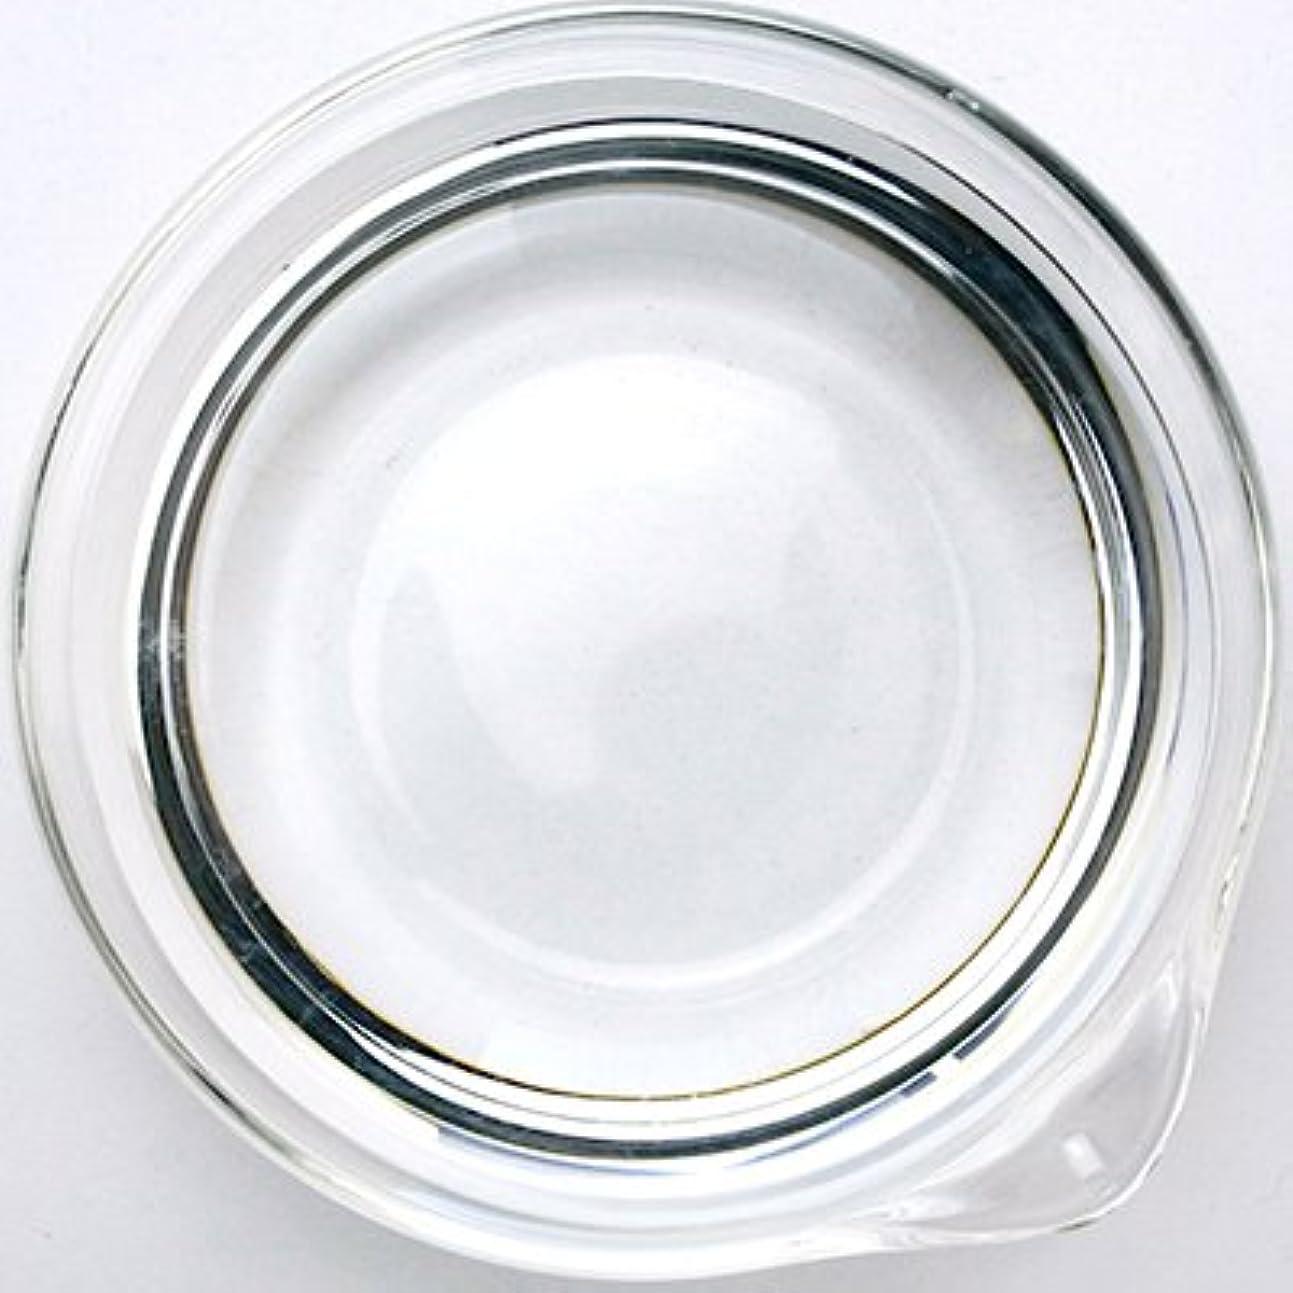 アメリカデータムベルベット1,2-ヘキサンジオール 10ml 【防腐剤/抗菌剤/保湿剤/手作りコスメ】